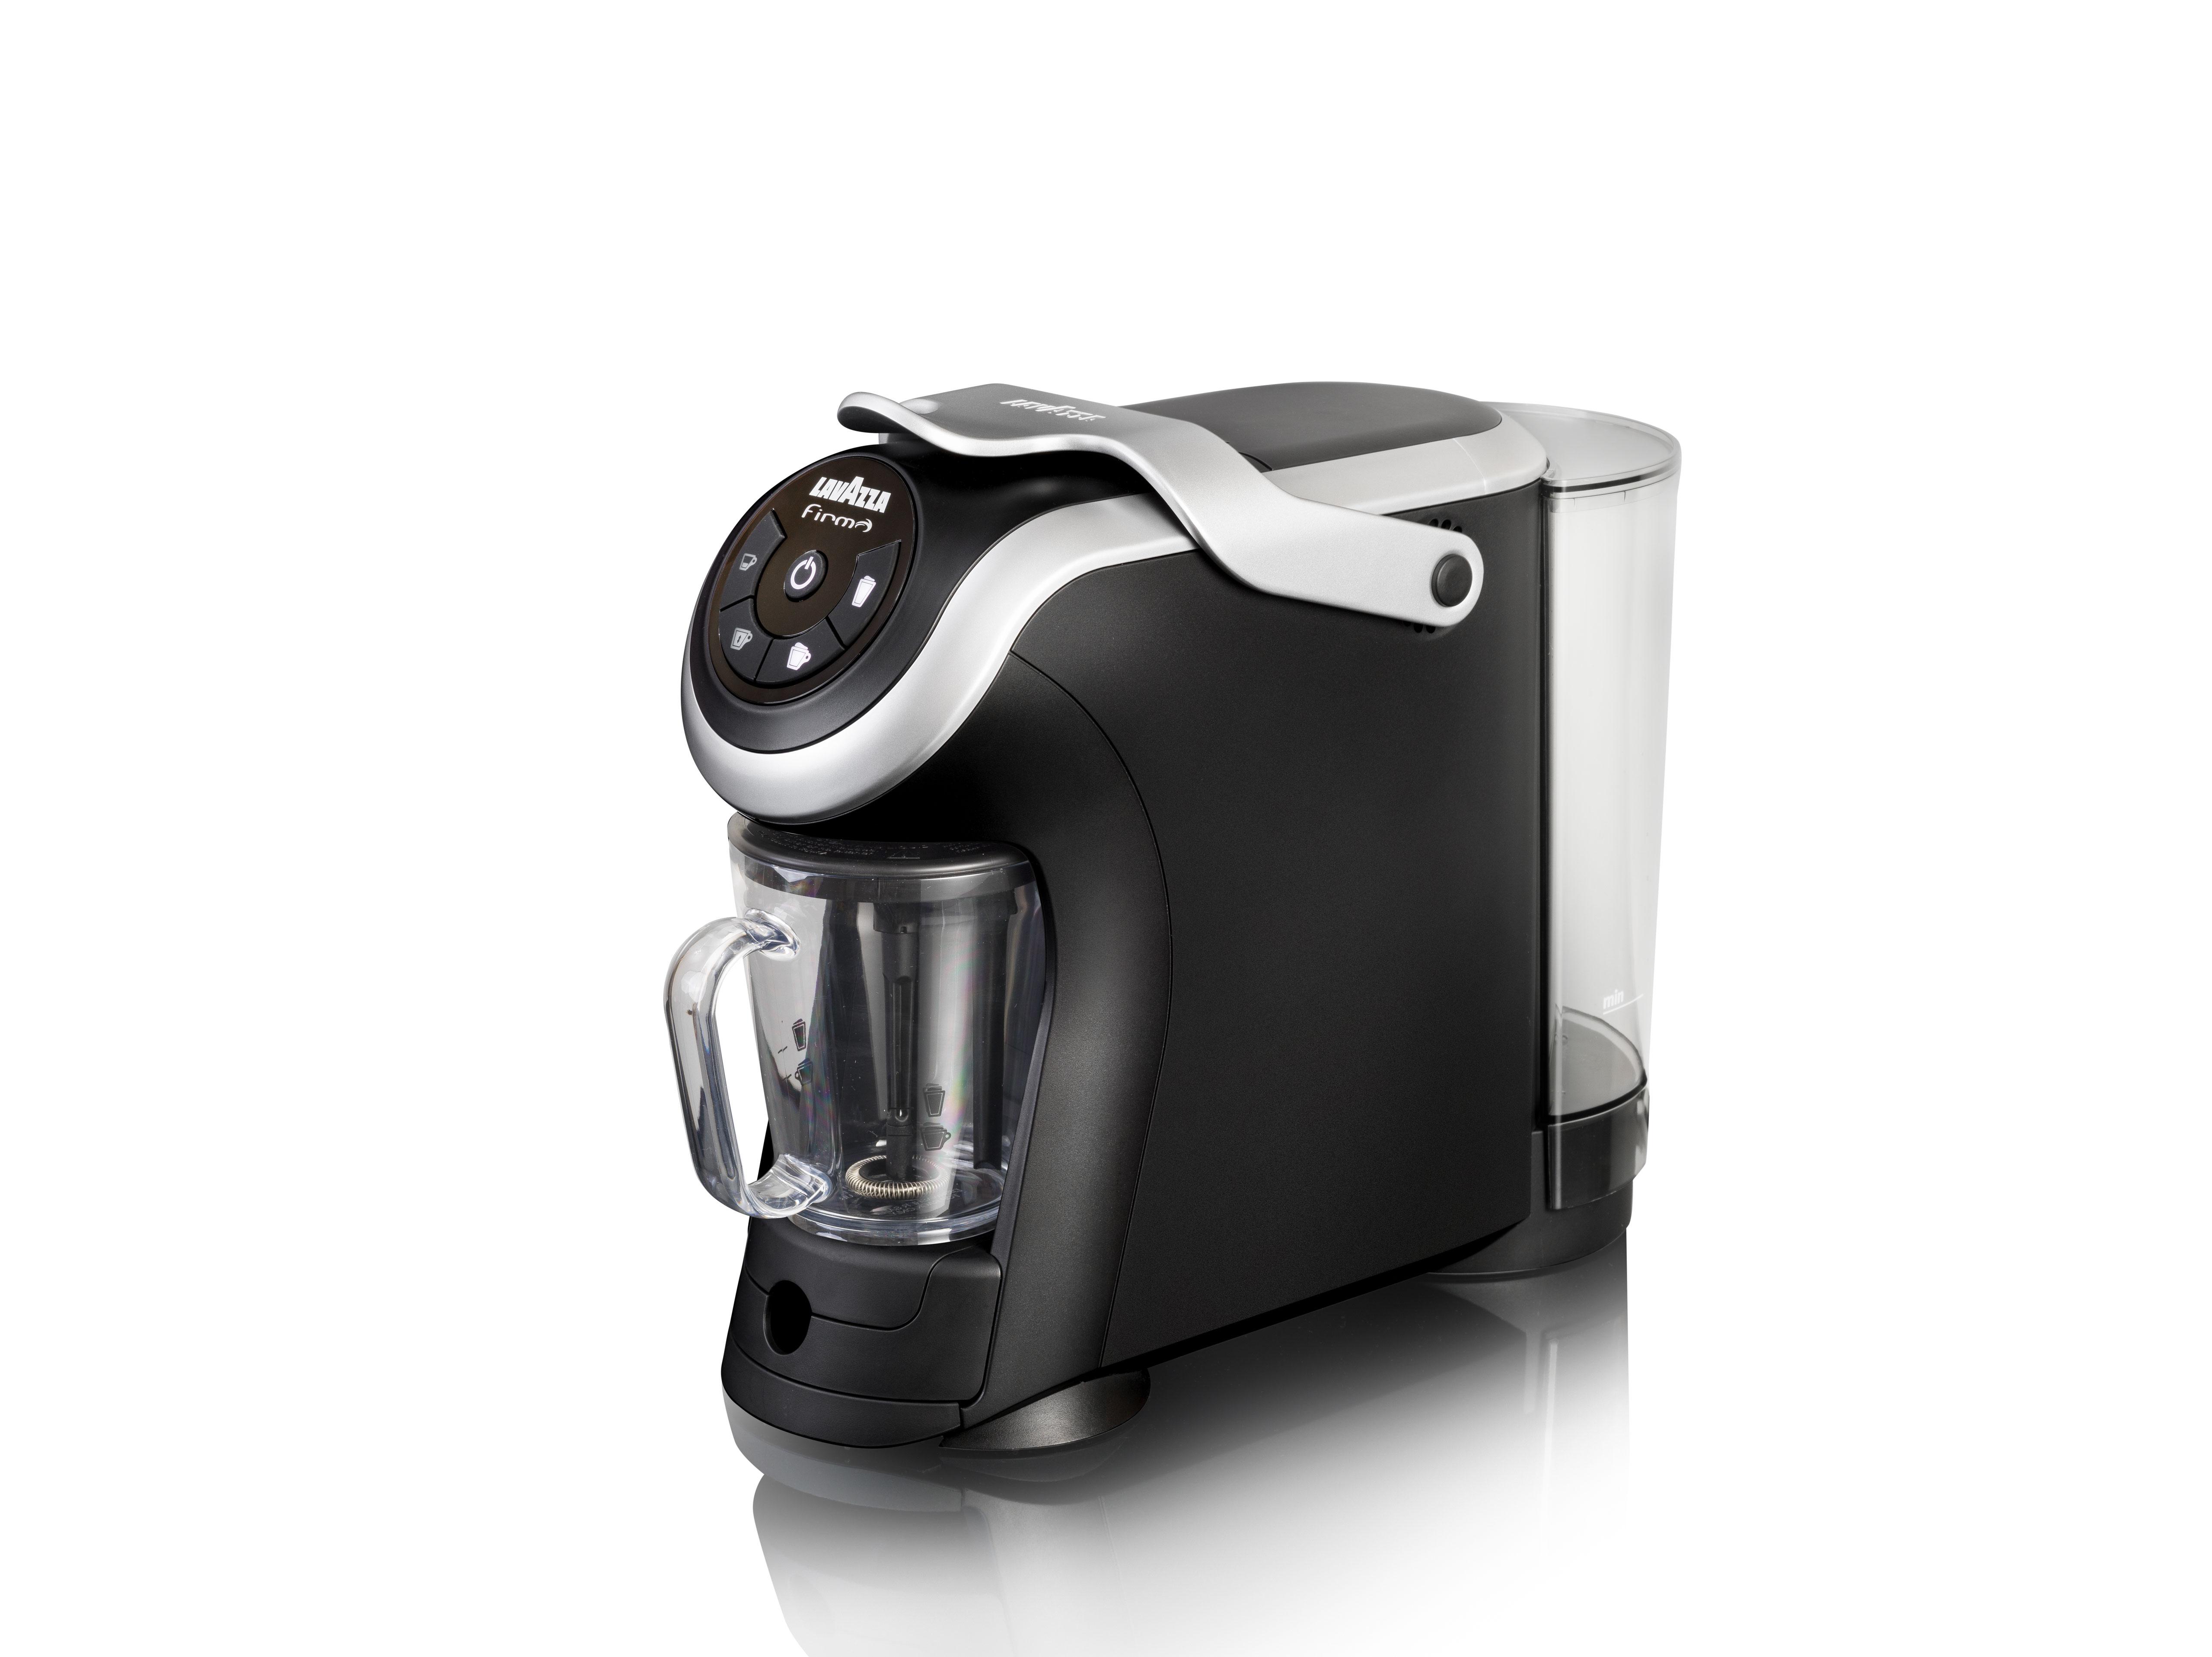 Macchina Caffè Lavazza Firma Milk